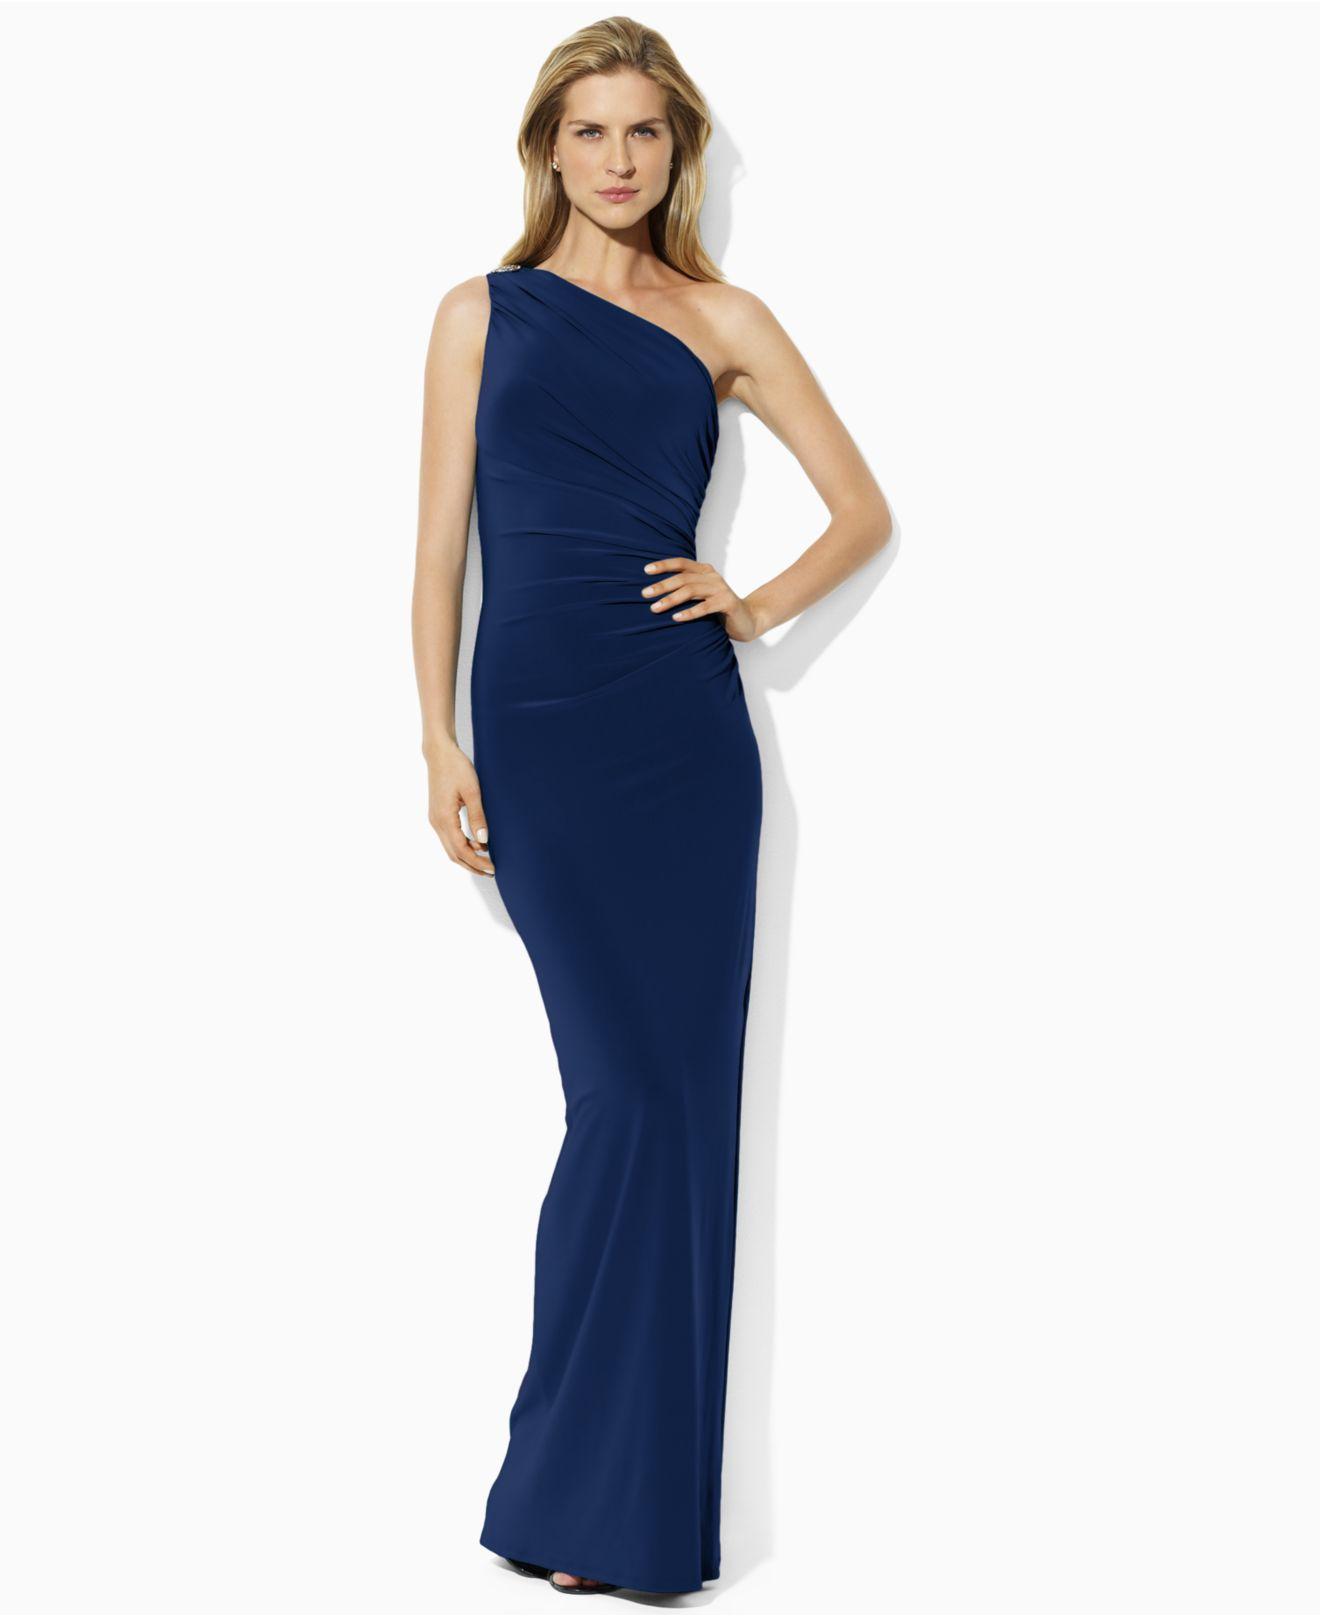 Lyst - Lauren By Ralph Lauren One-Shoulder Evening Gown in Blue